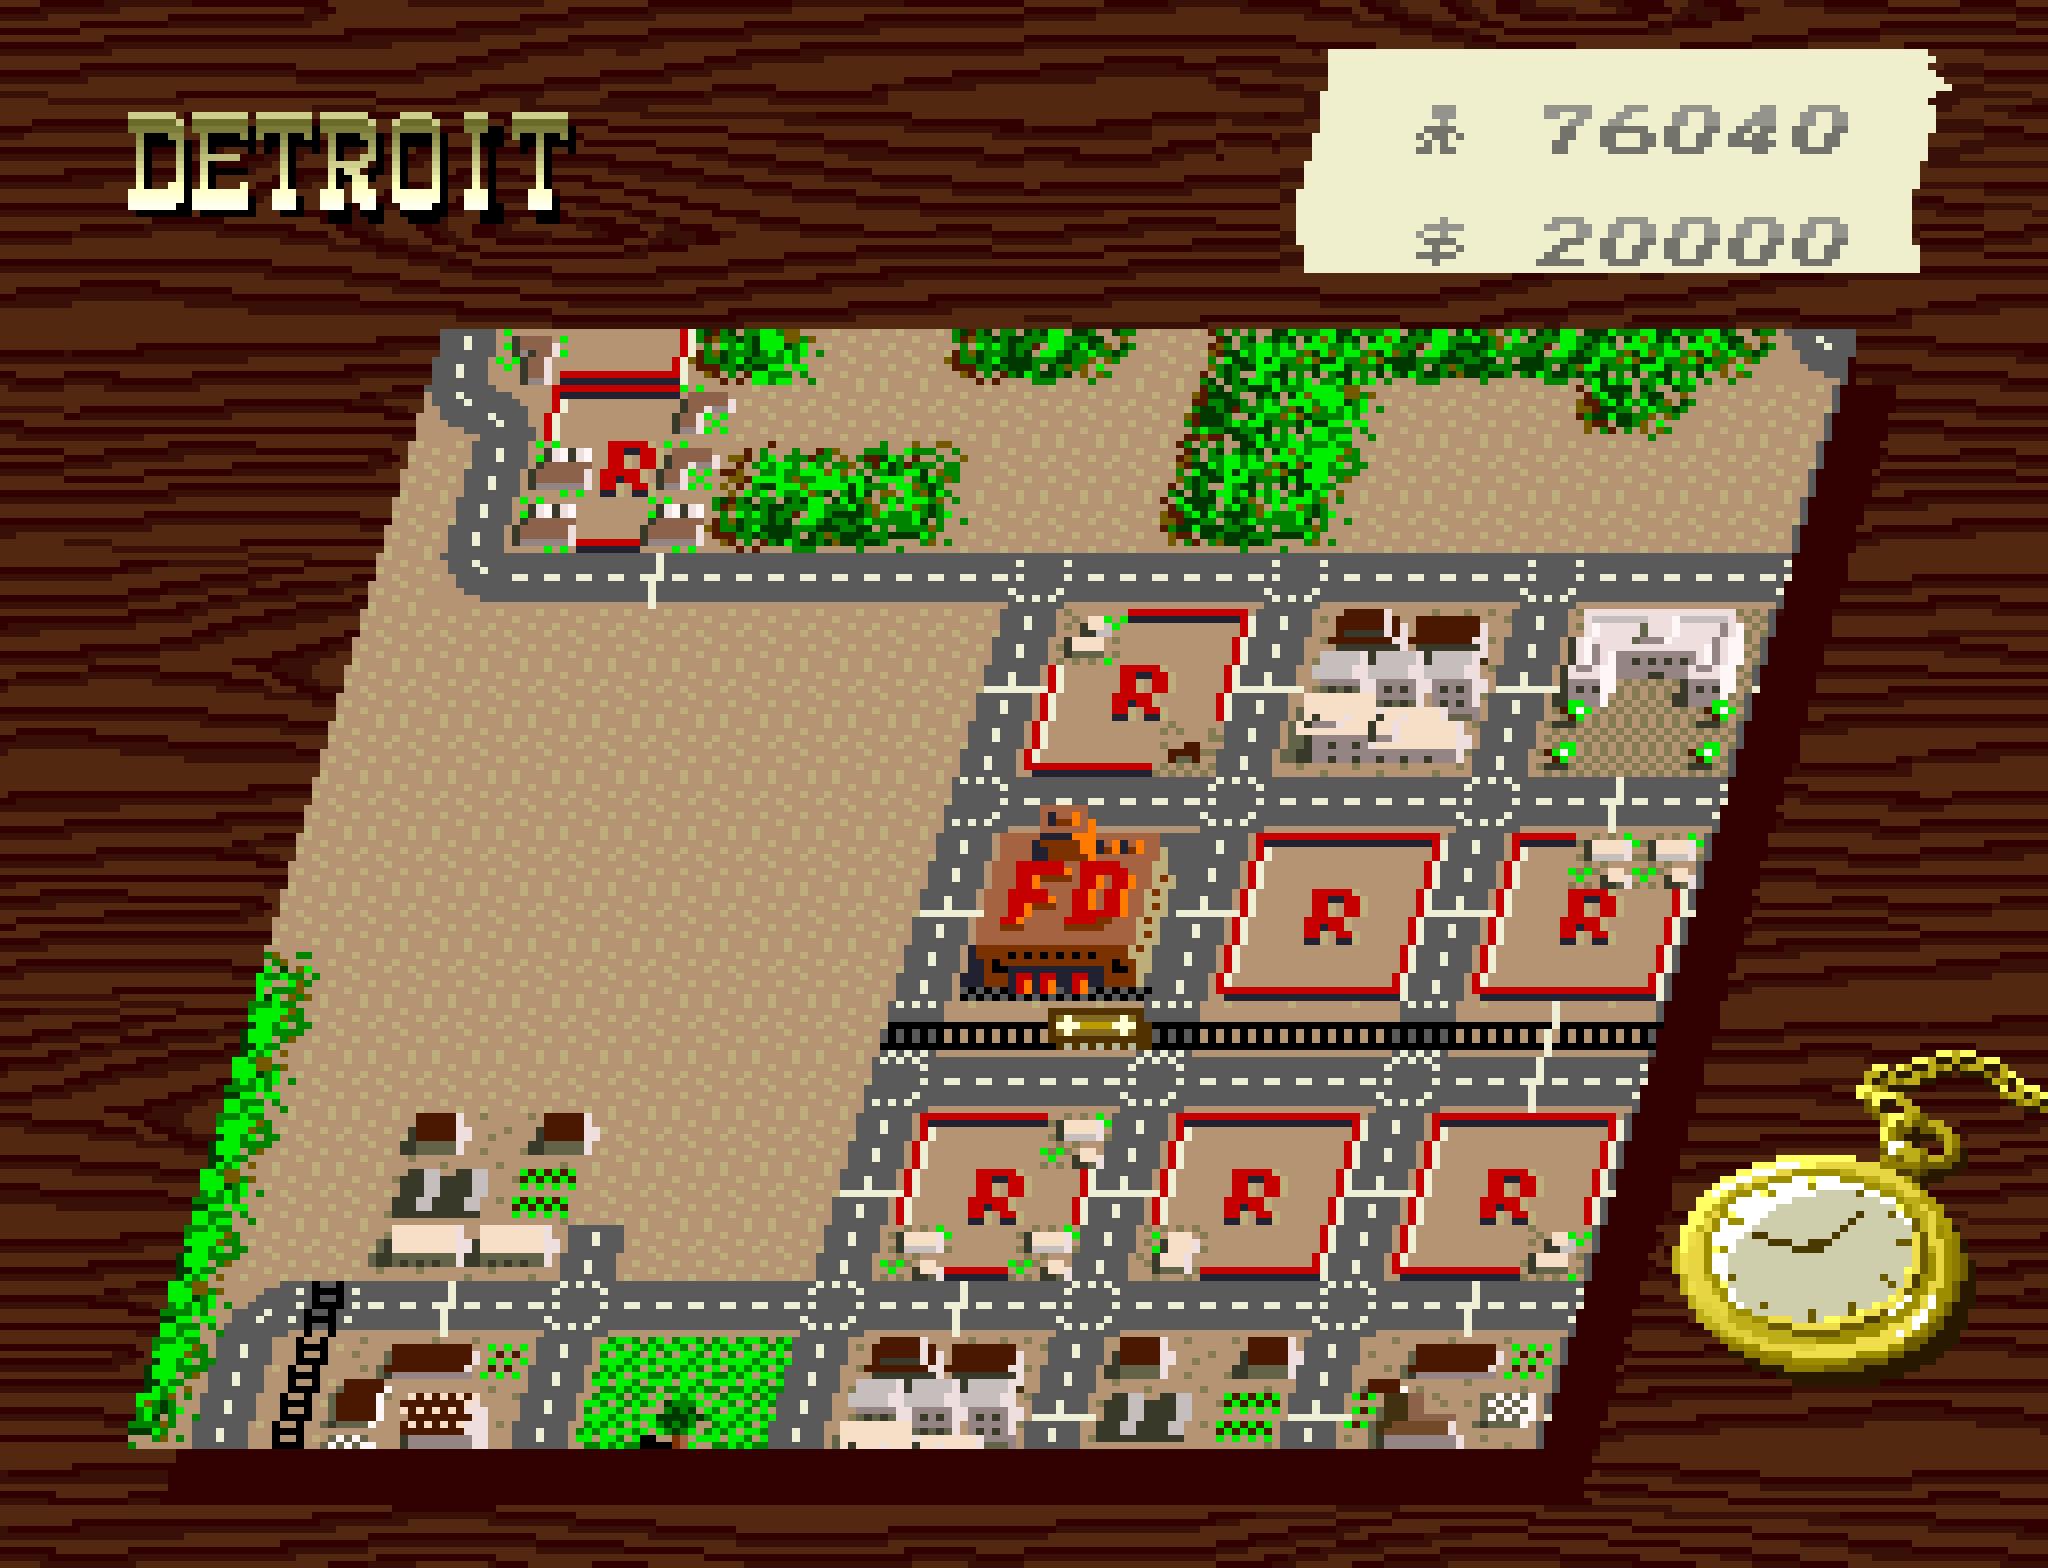 Как «цифровые археологи» обнаружили утерянную версию SimCity для NES и восстановили ее - 9